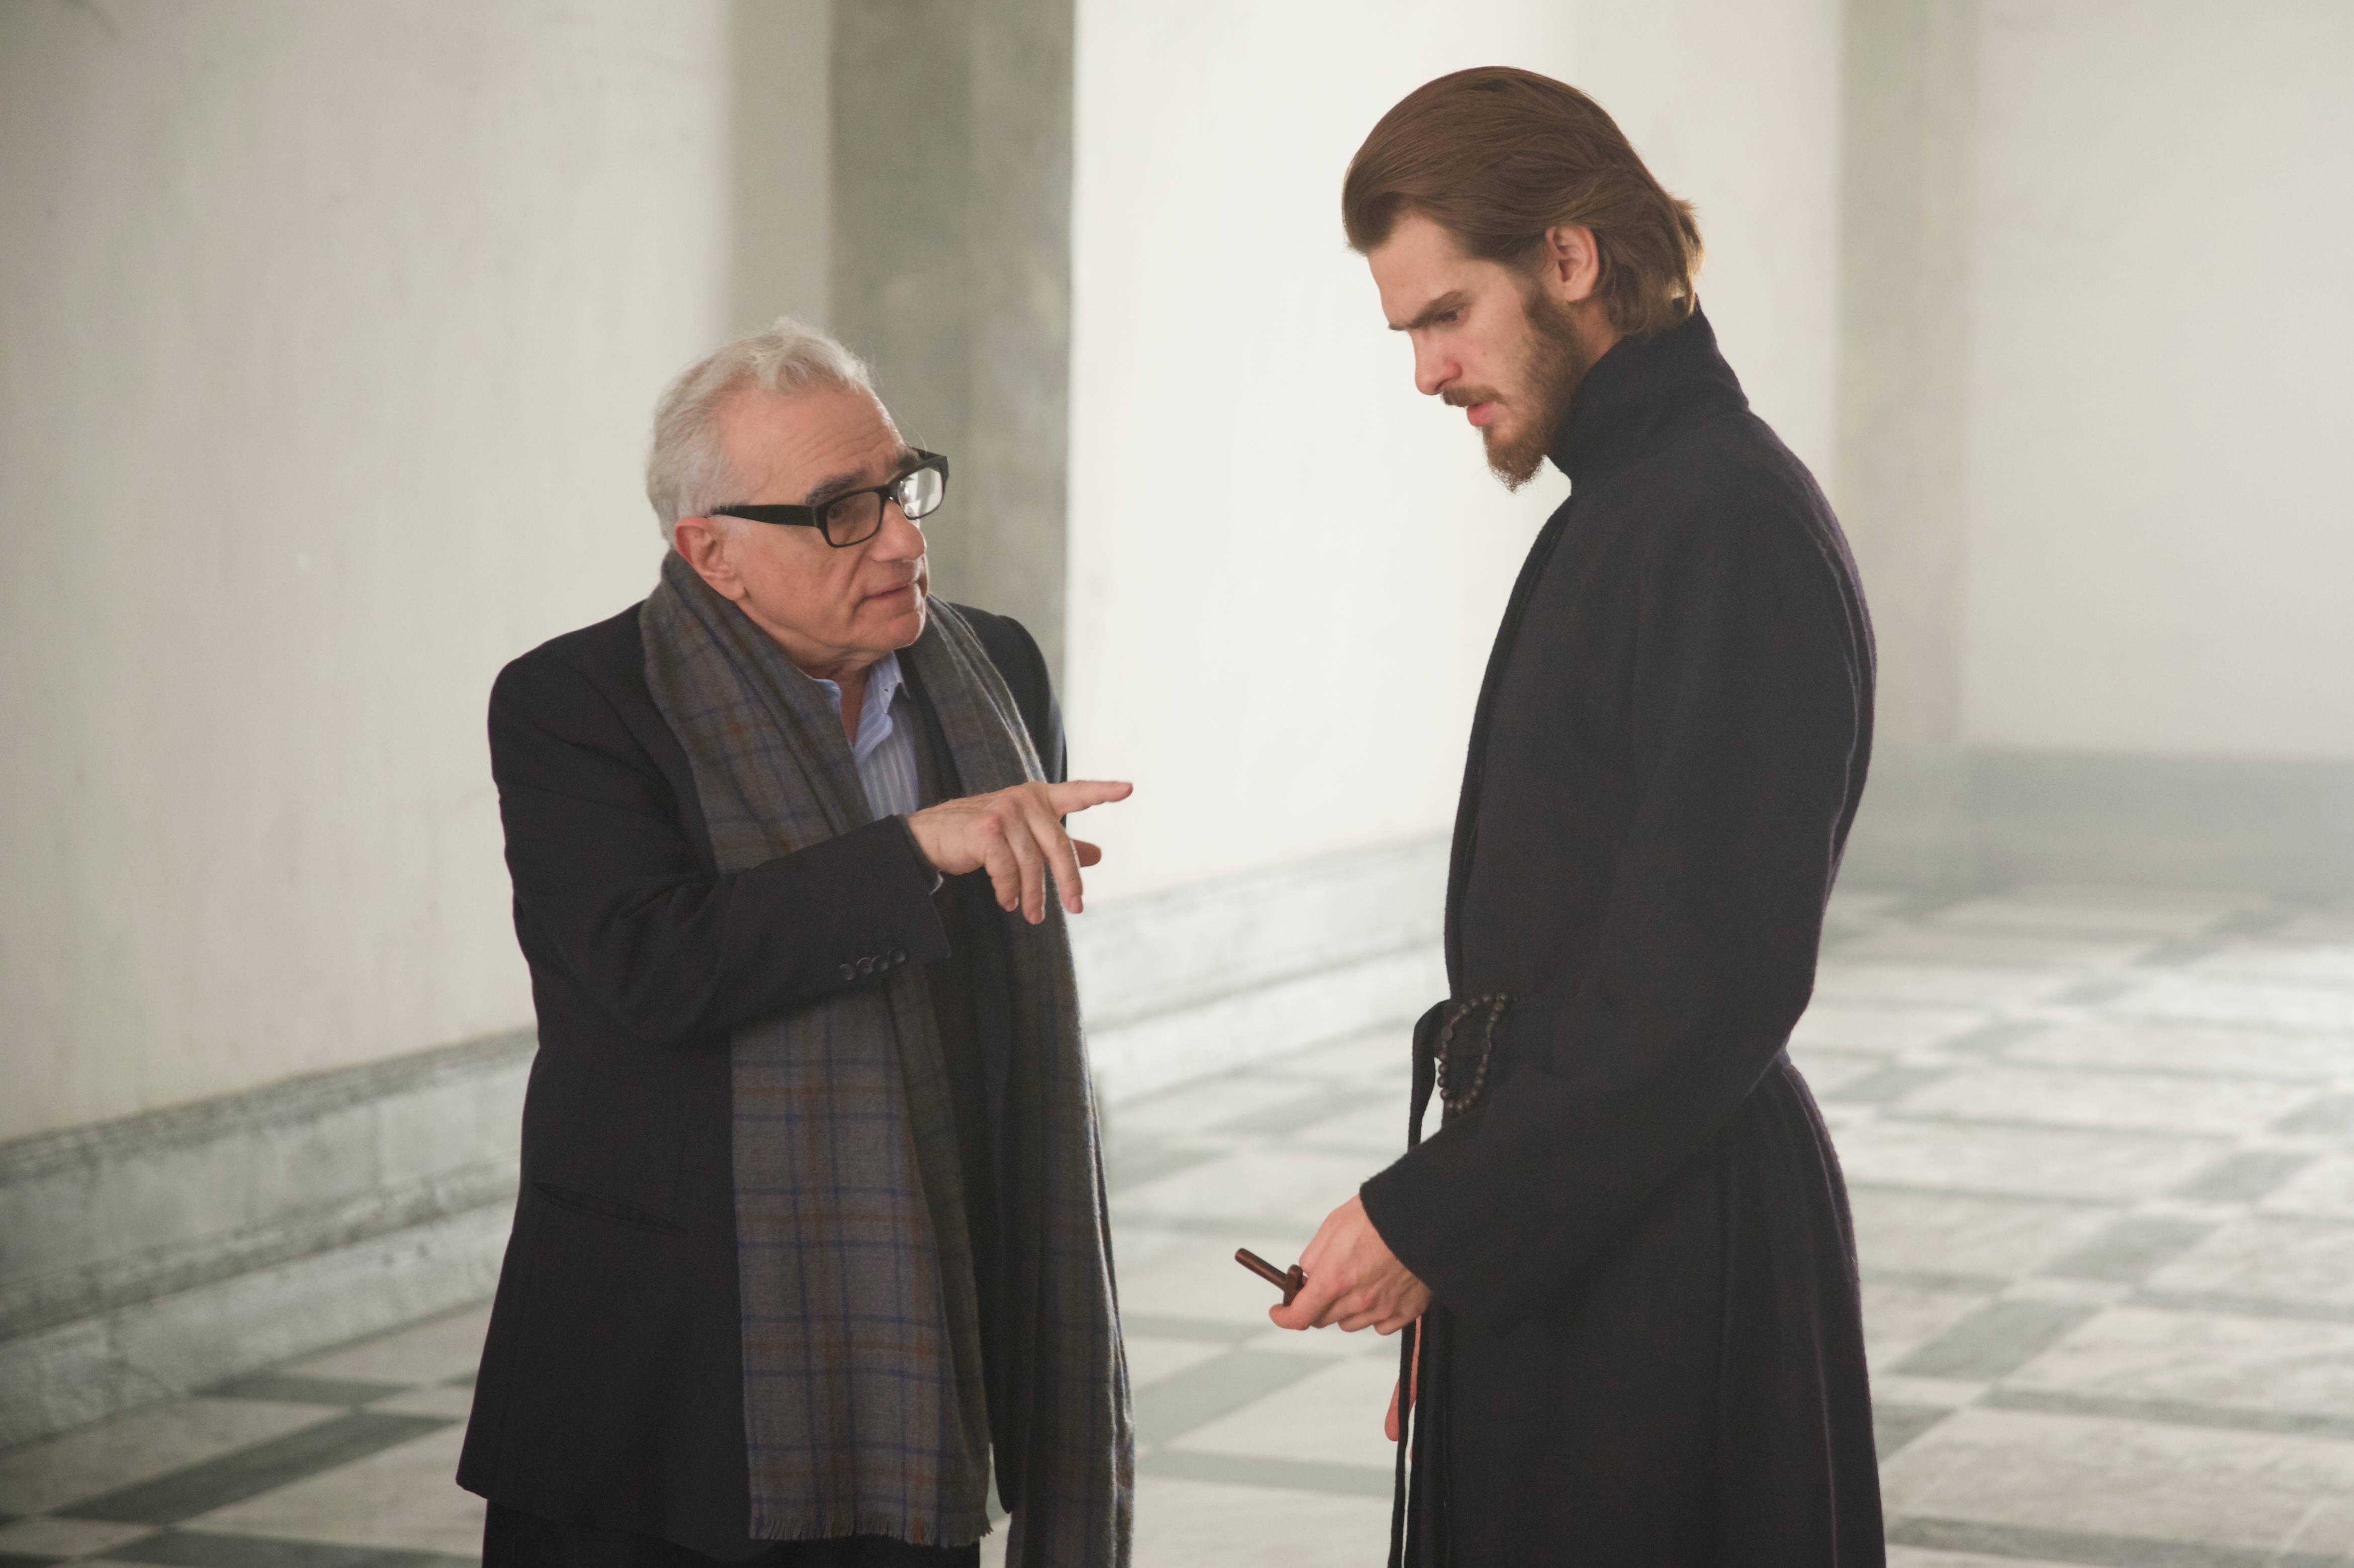 左から、マーティン・スコセッシ監督、アンドリュー・ガーフィールド Photo Credit Kerry Brown